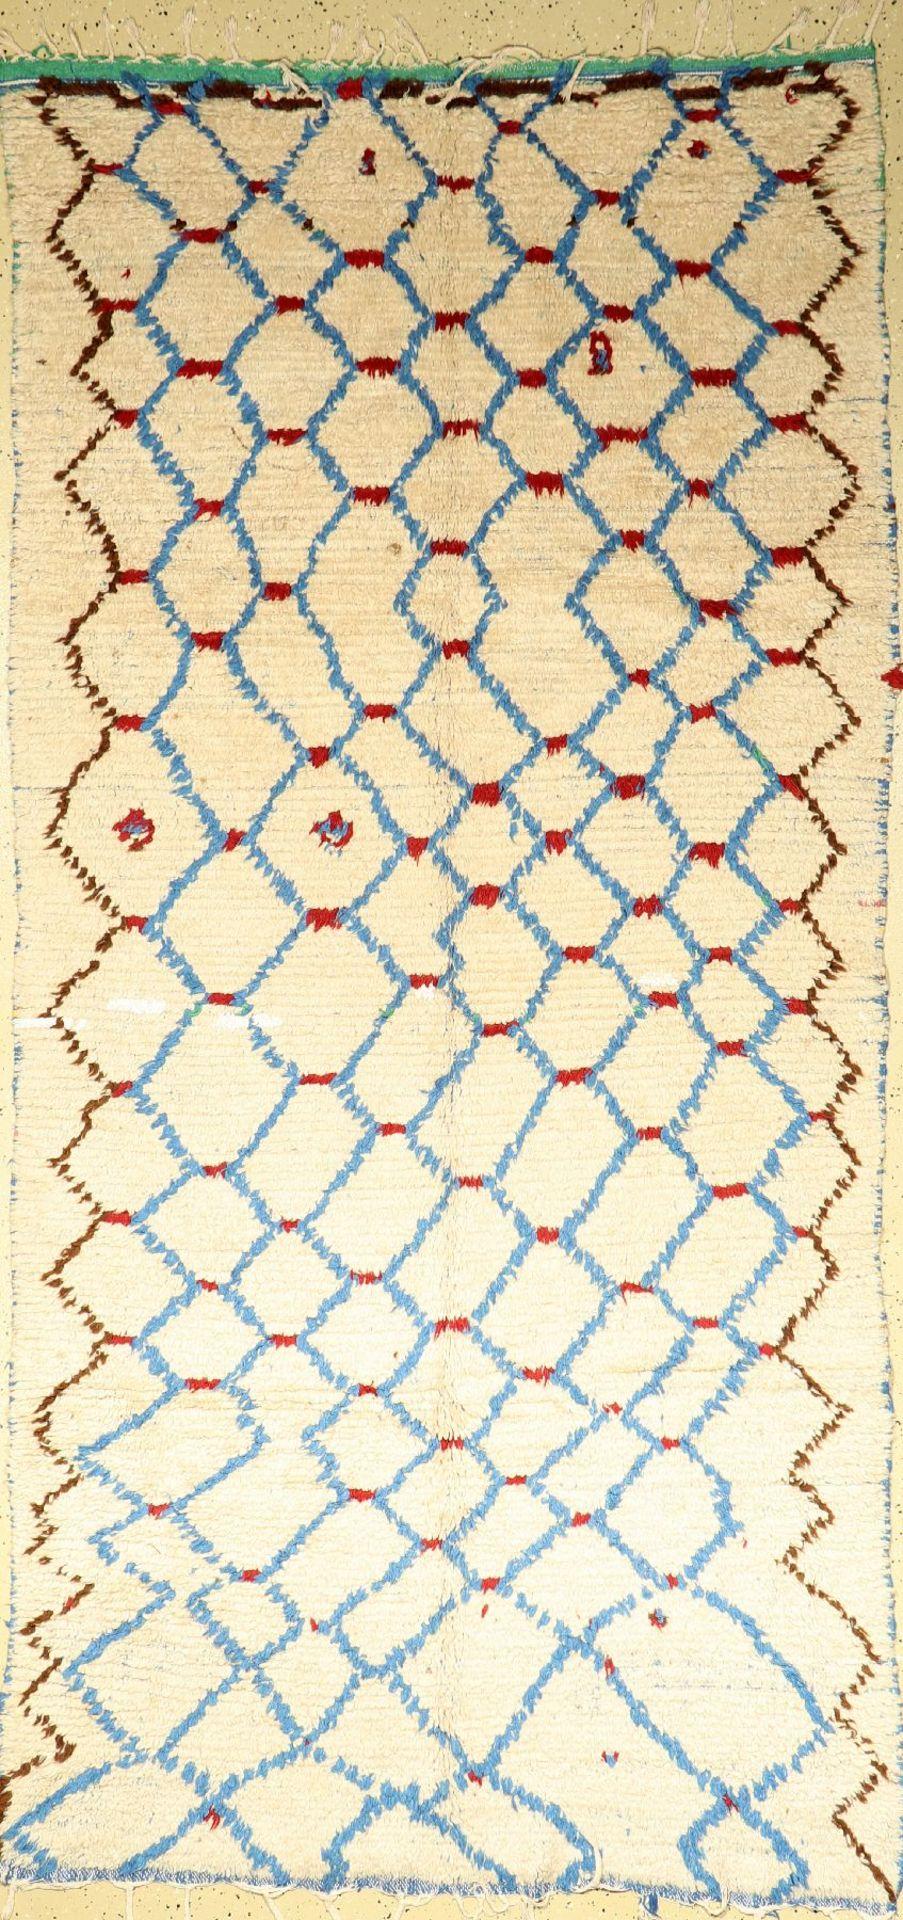 Marokko alt, um 1970, Stoff auf Baumwolle, ca. 274 x 132 cm, dekorativ, EHZ: 2Morocco old, around